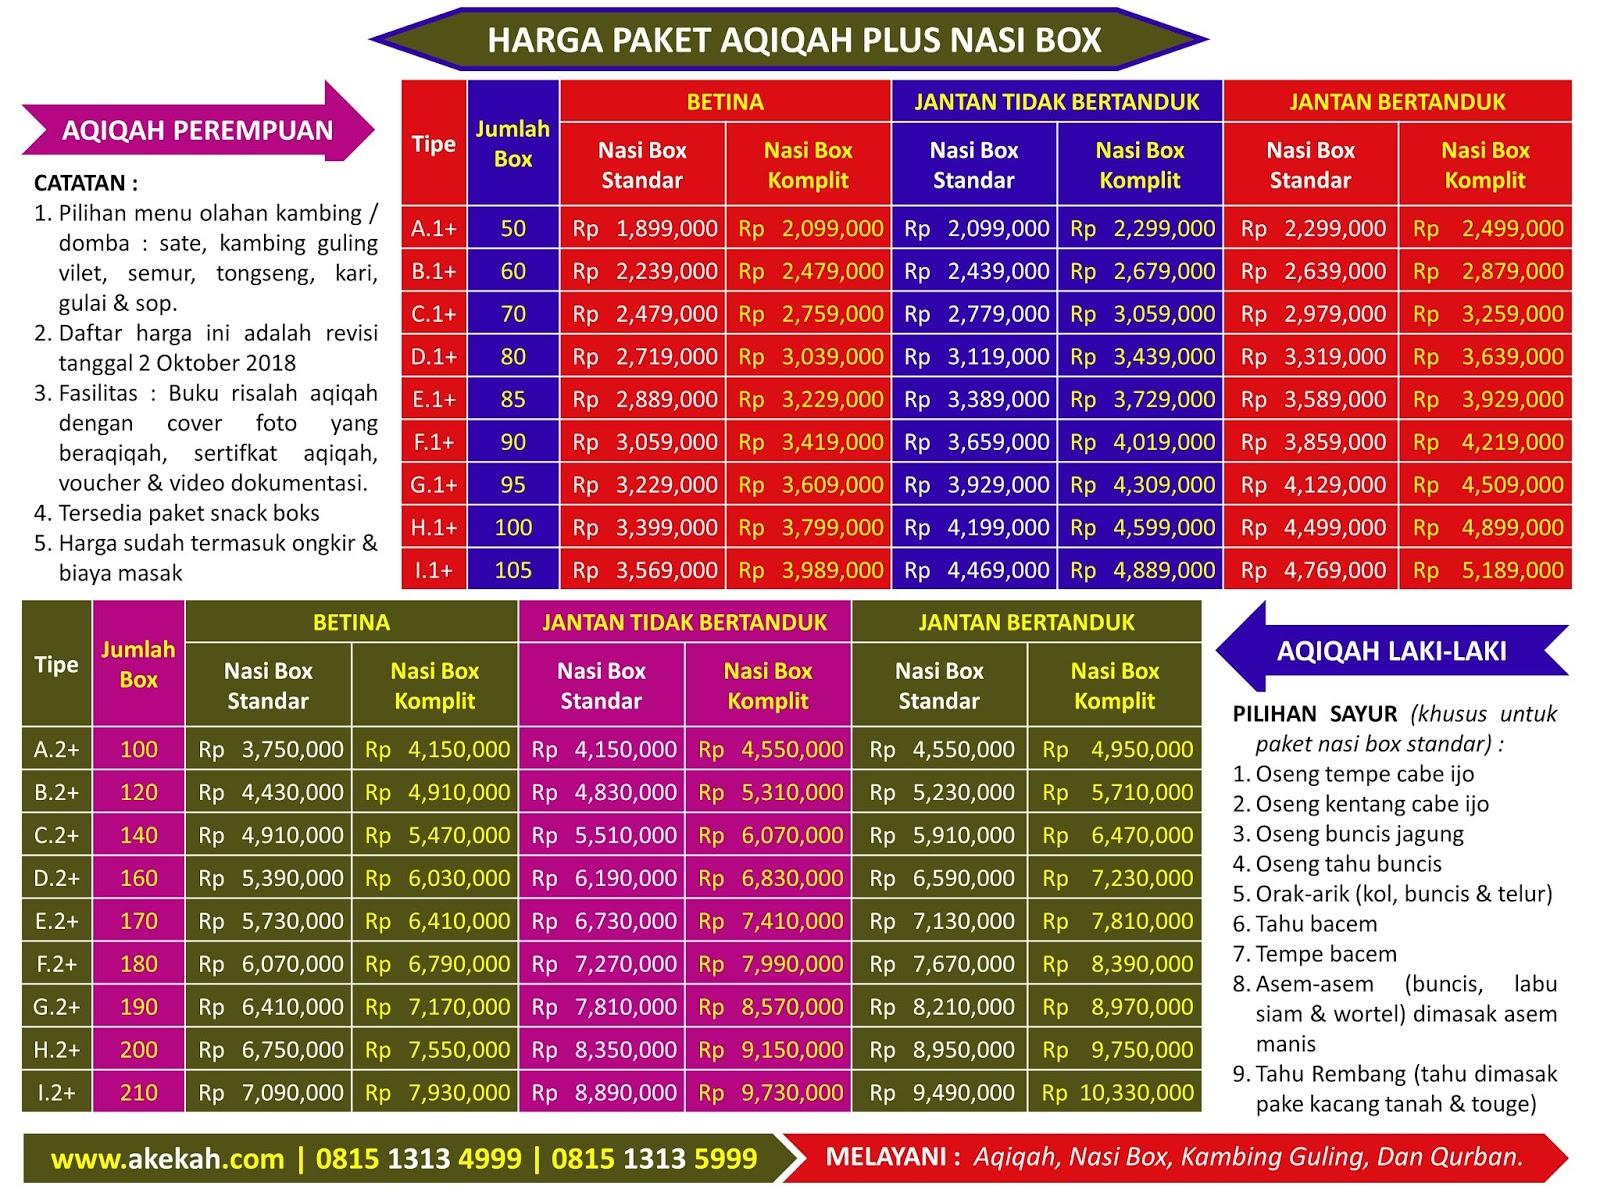 Harga Paket Akikah Dan Catering Plus Untuk Anak Perempuan Wilayah Kabupaten Bogor Jawa Barat